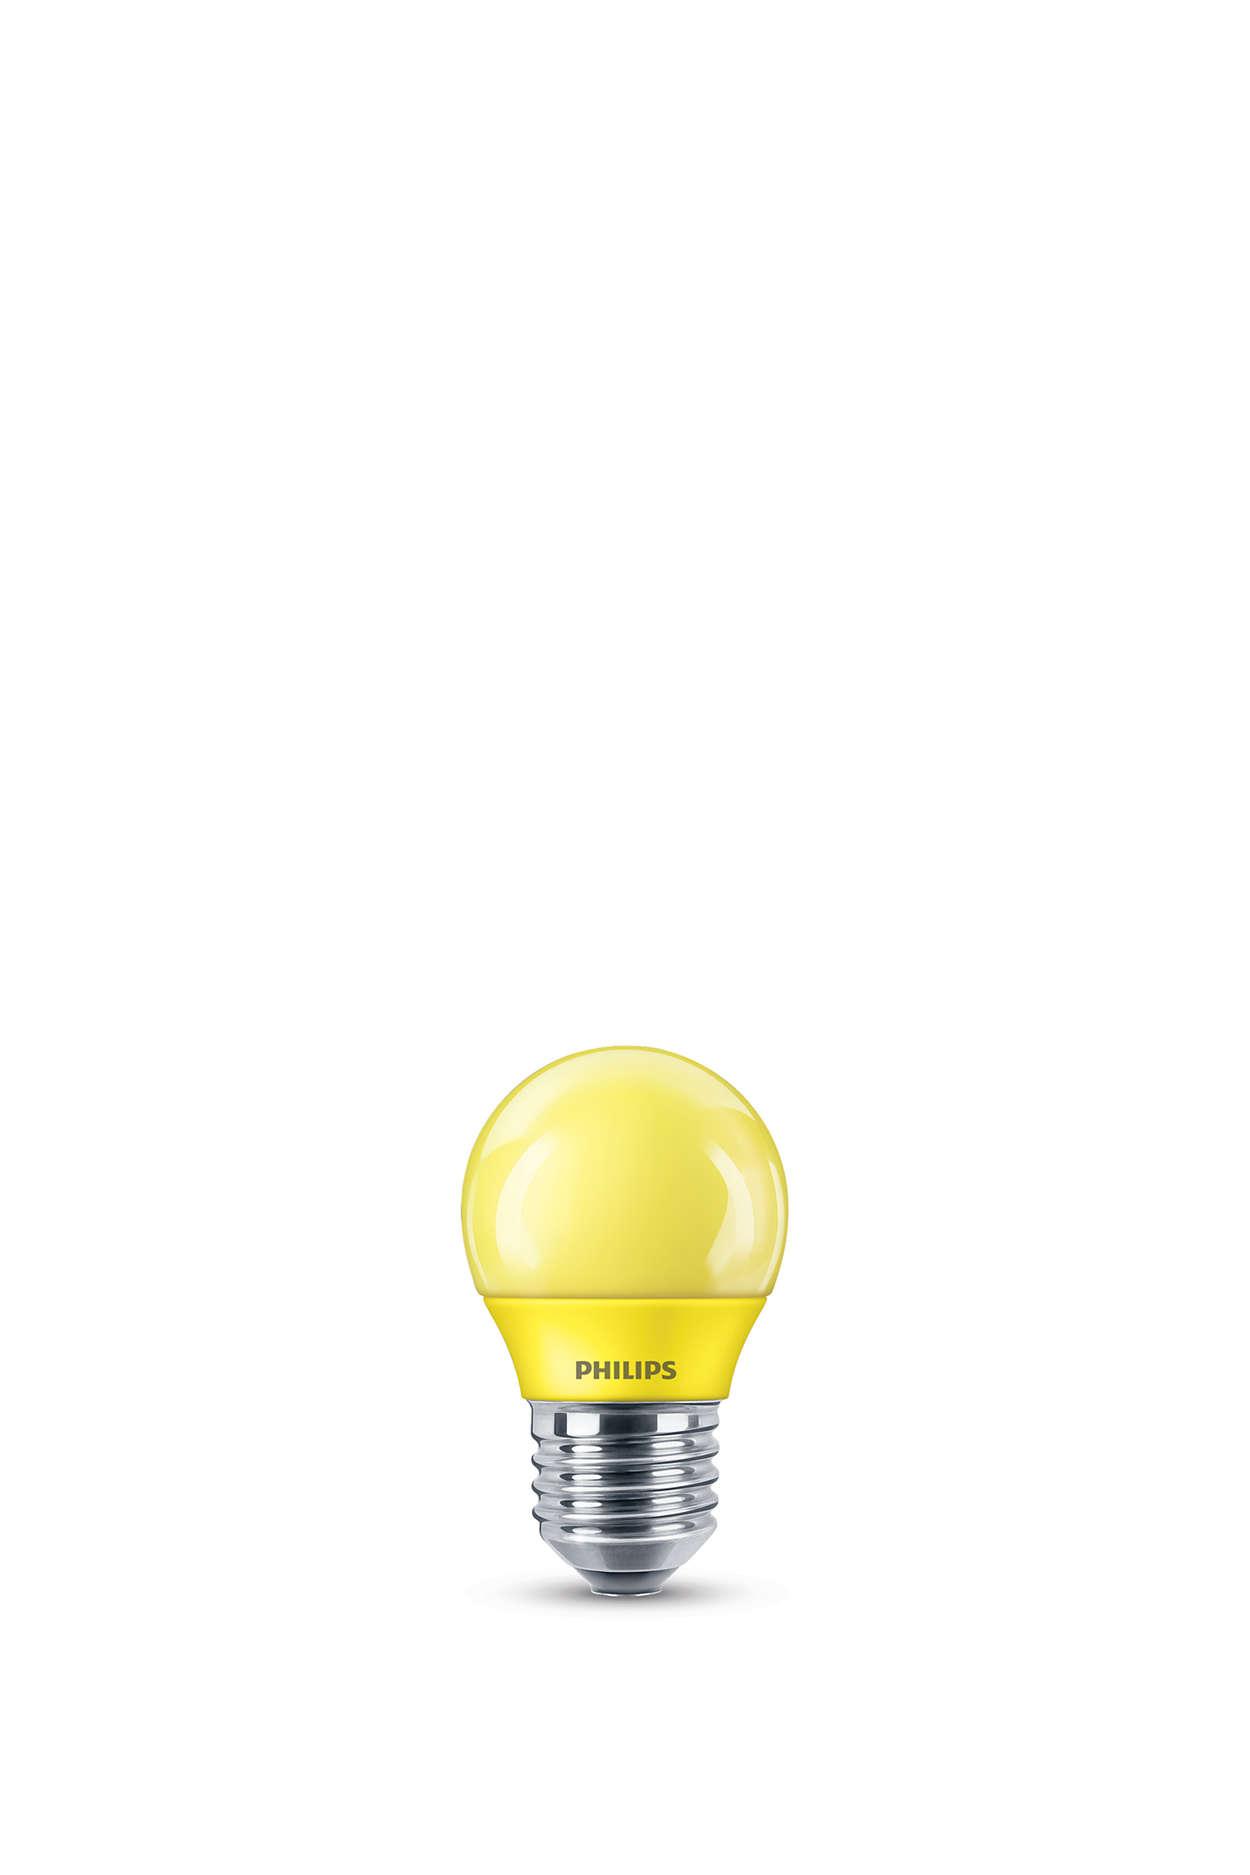 Nieograniczone możliwości oświetlenia domu.